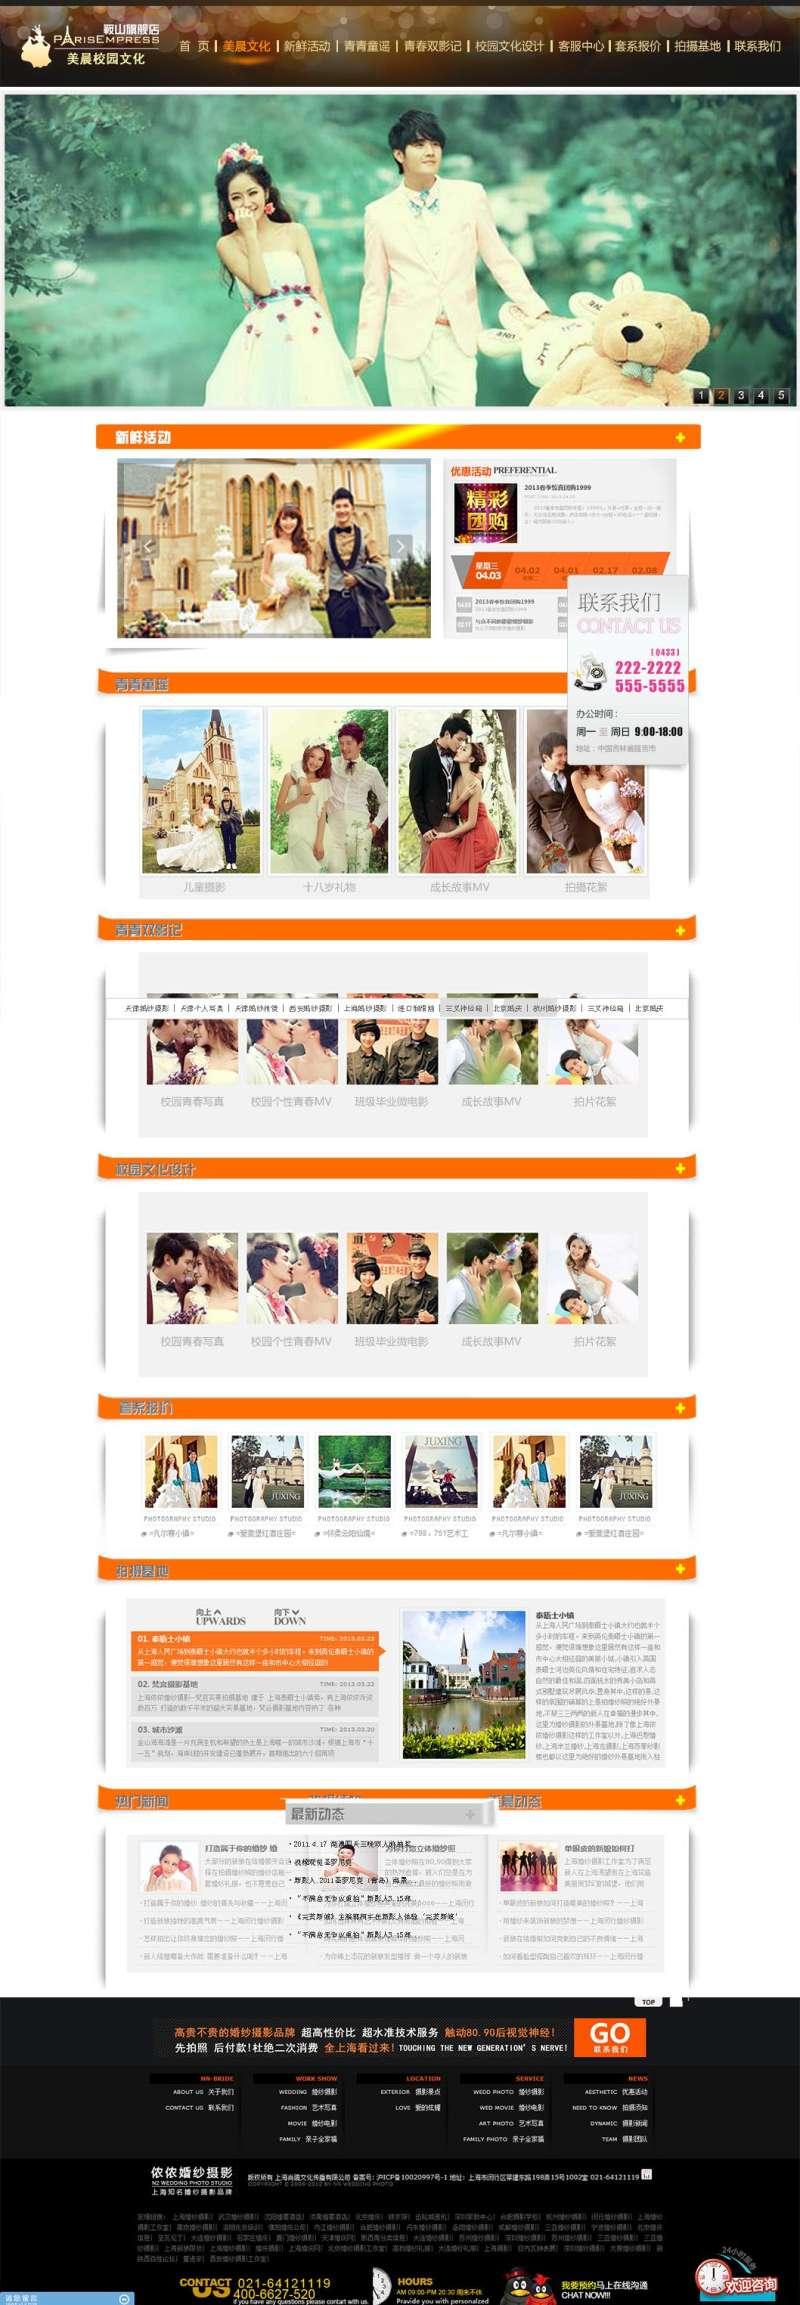 简洁大气的美晨婚纱摄影首页网站模板PSD效果图下载